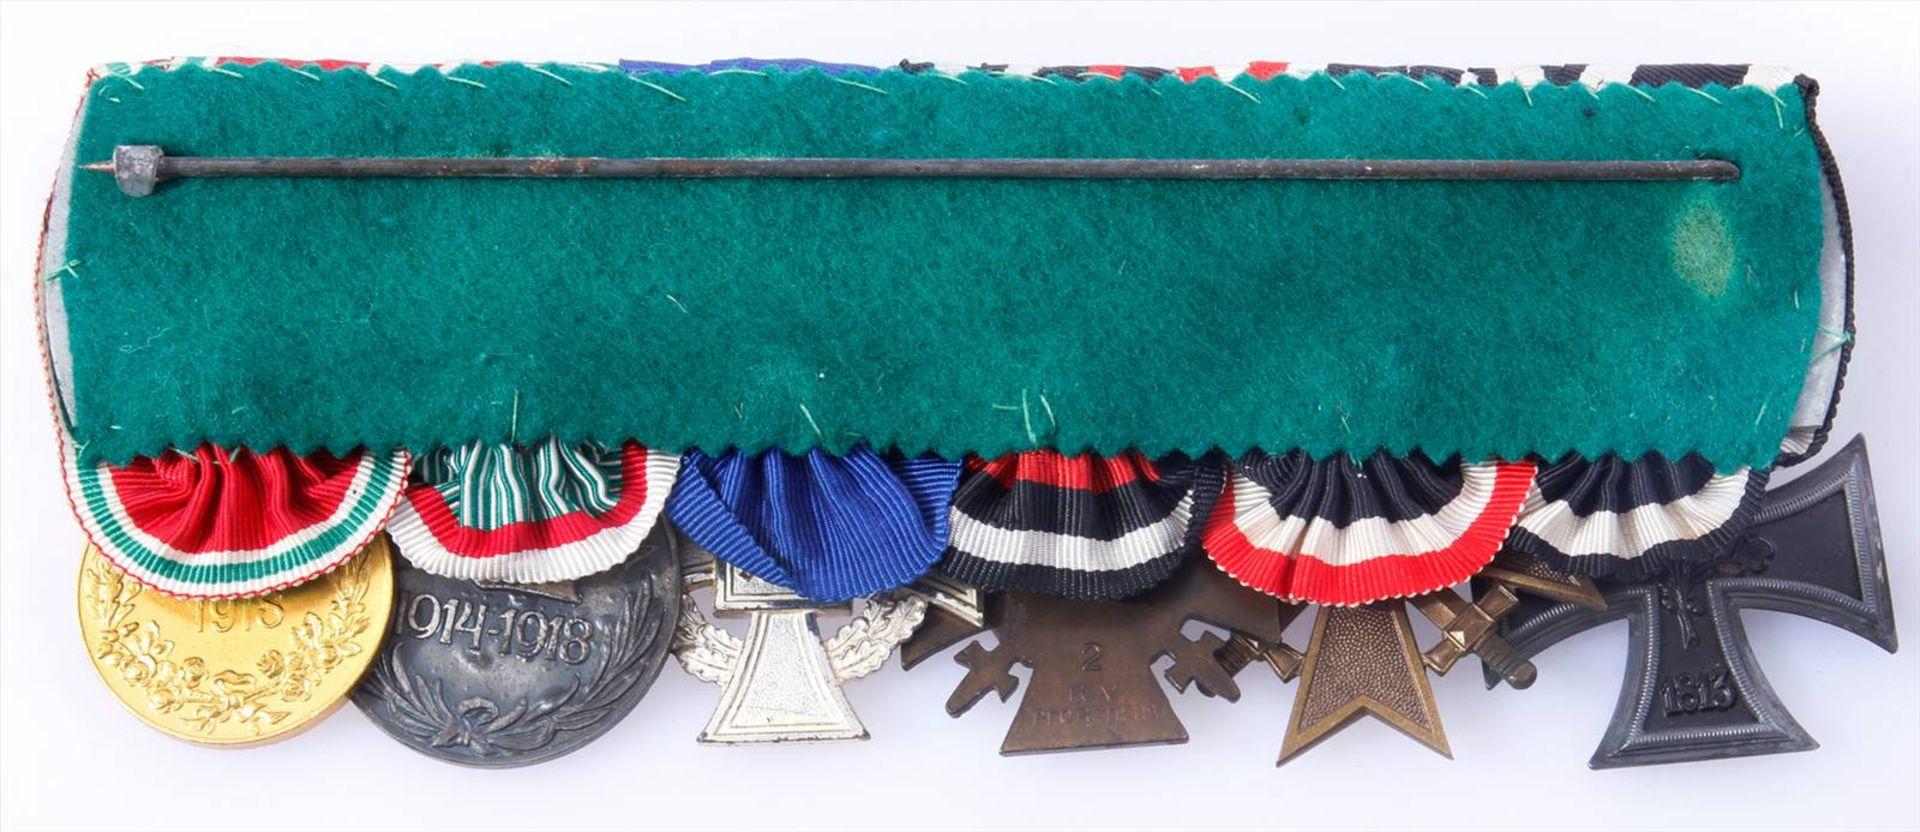 Ordensschnalle mit 6 Auszeichnungen WK 1 und WK 2Eisernes Kreuz 2.Klasse 1914, - Bild 2 aus 4